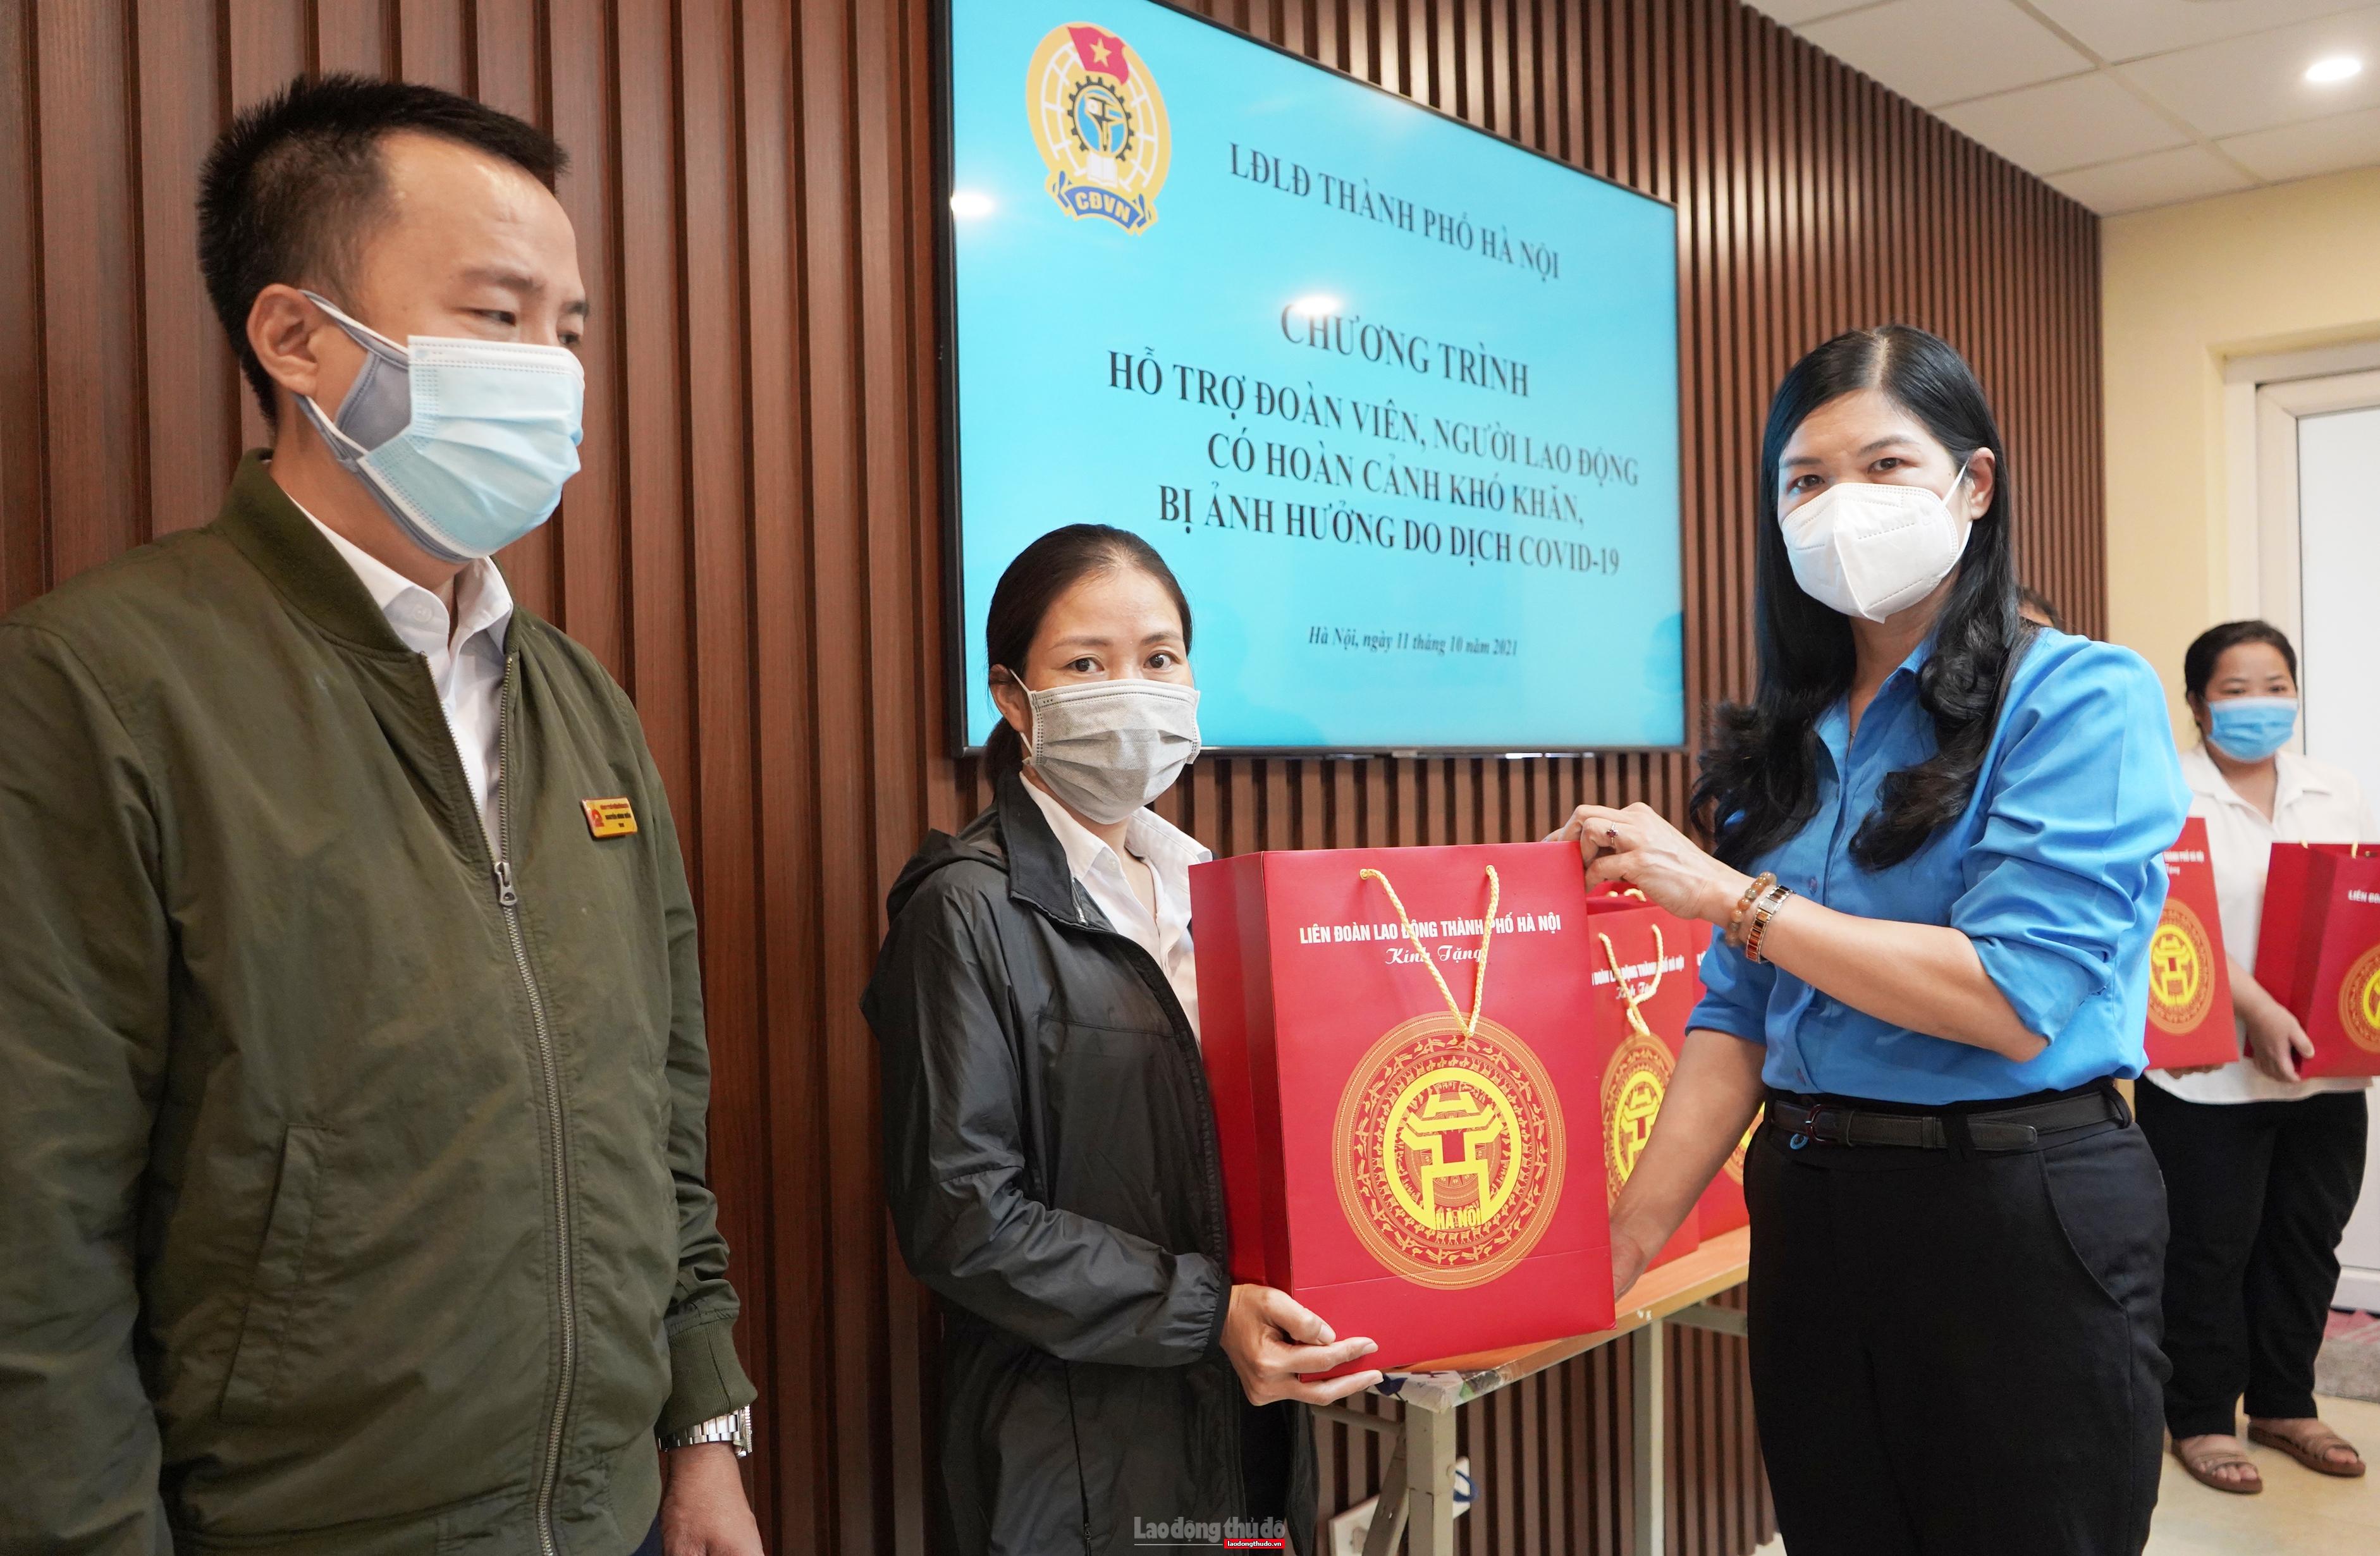 Lãnh đạo LĐLĐ Thành phố trao hỗ trợ cho lao động bị ảnh hưởng bởi dịch tại quận Hoàn Kiếm